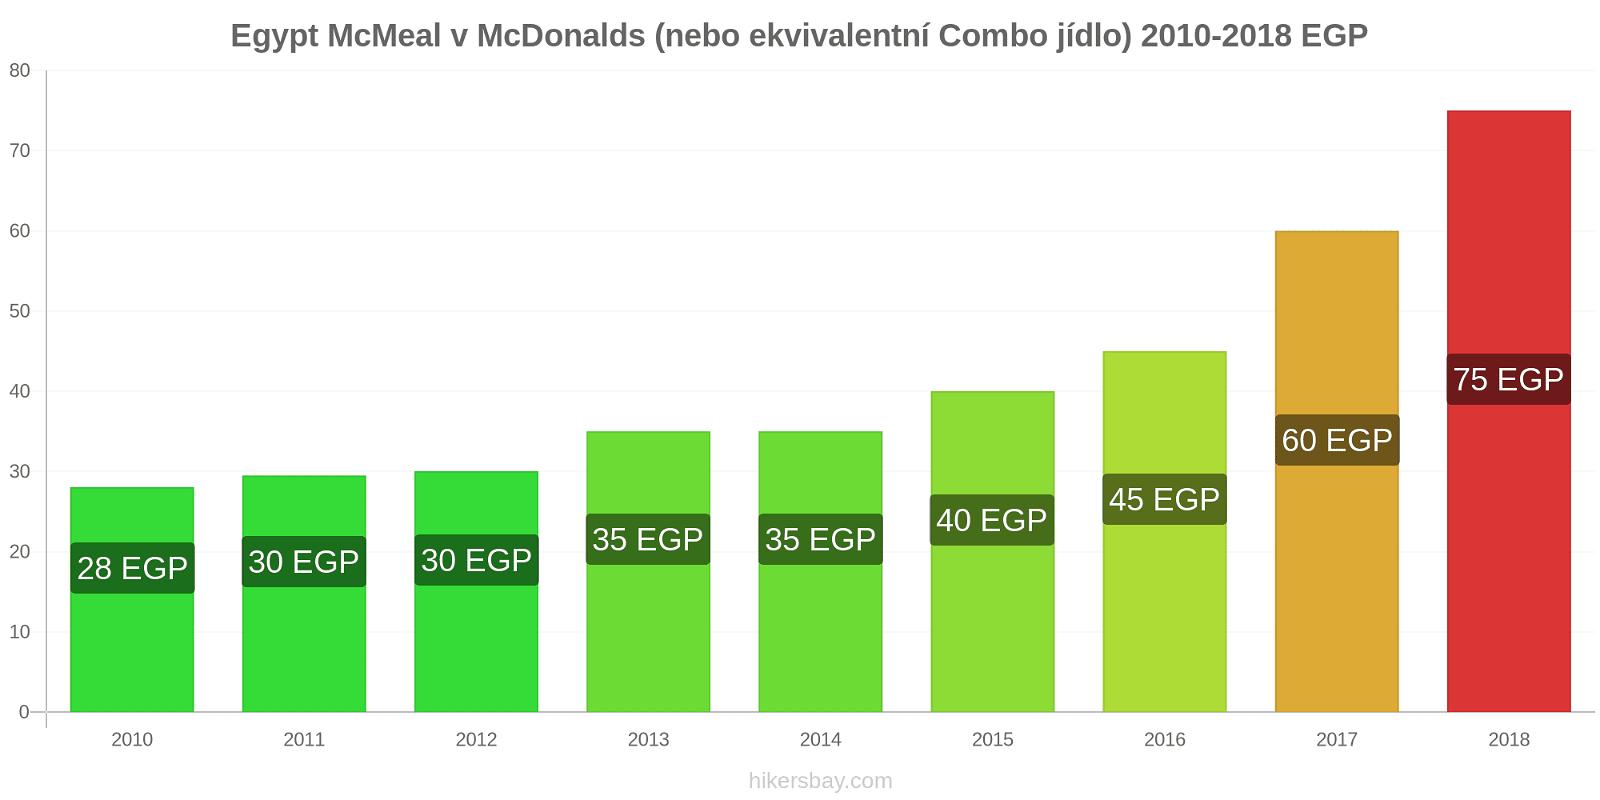 Egypt změny cen McMeal v McDonalds (nebo ekvivalentní Combo jídlo) hikersbay.com